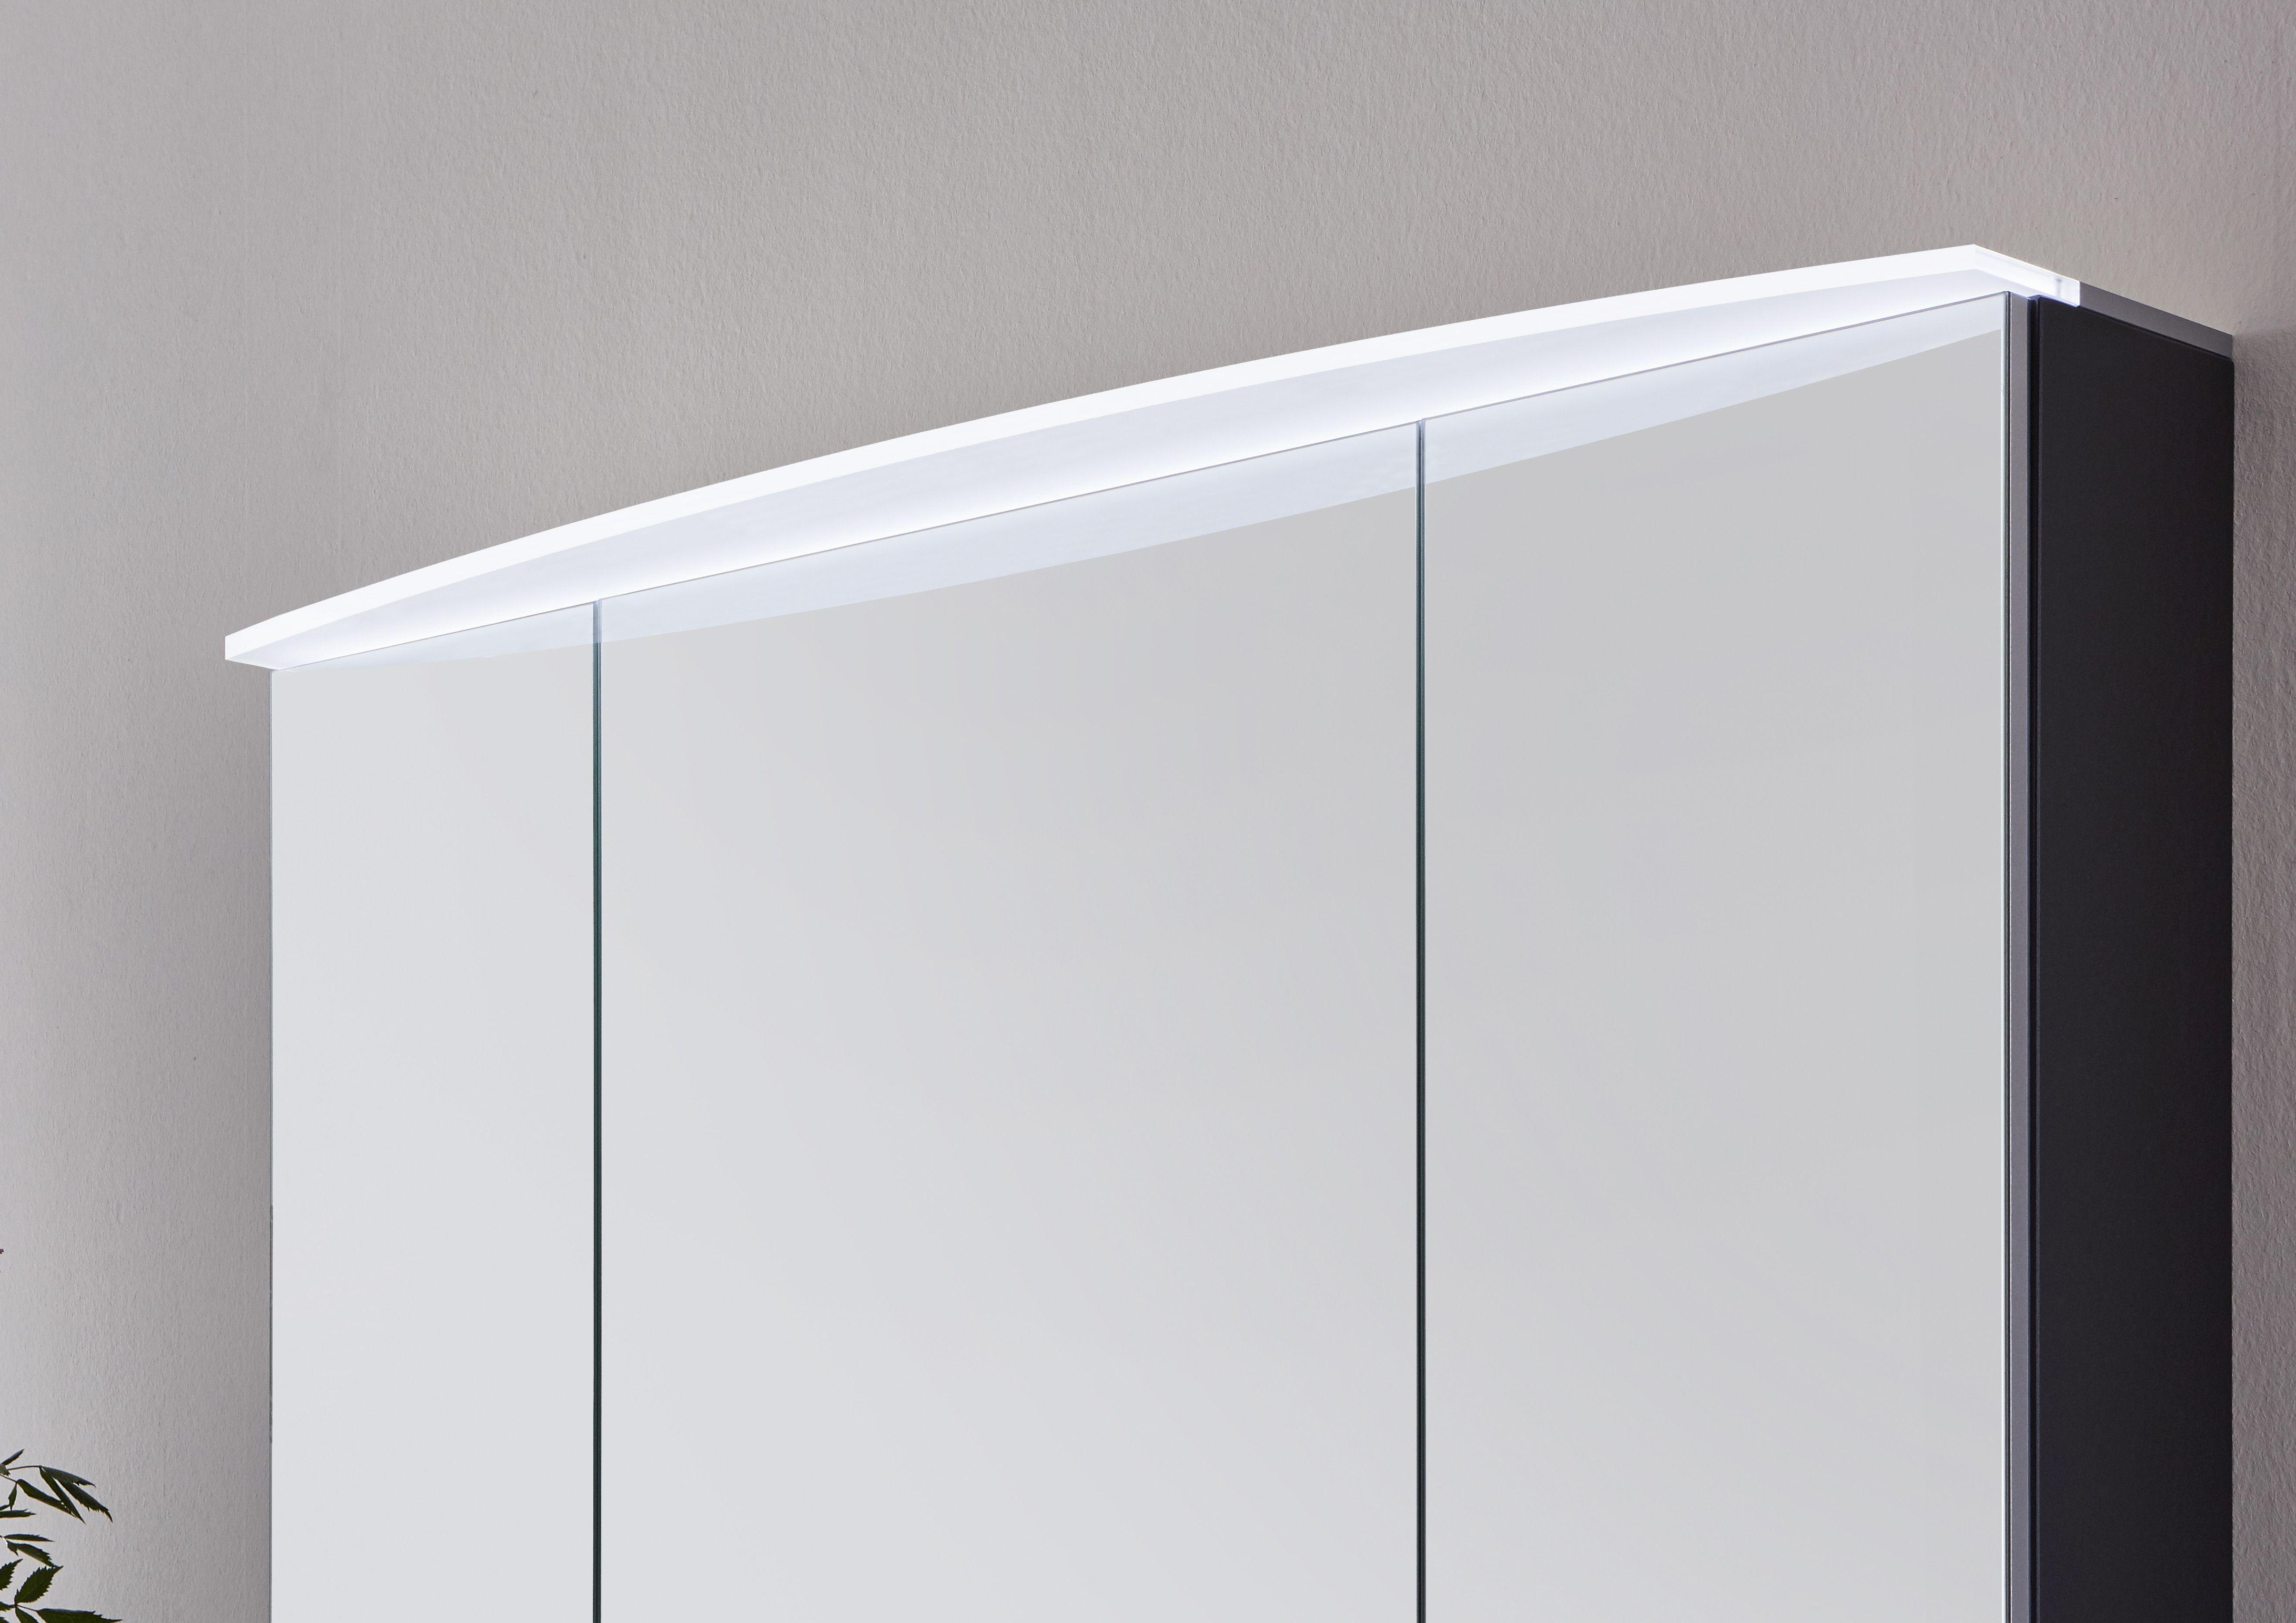 Marlin Bad 3040 - CityPlus Spiegelschrank 120 cm breit